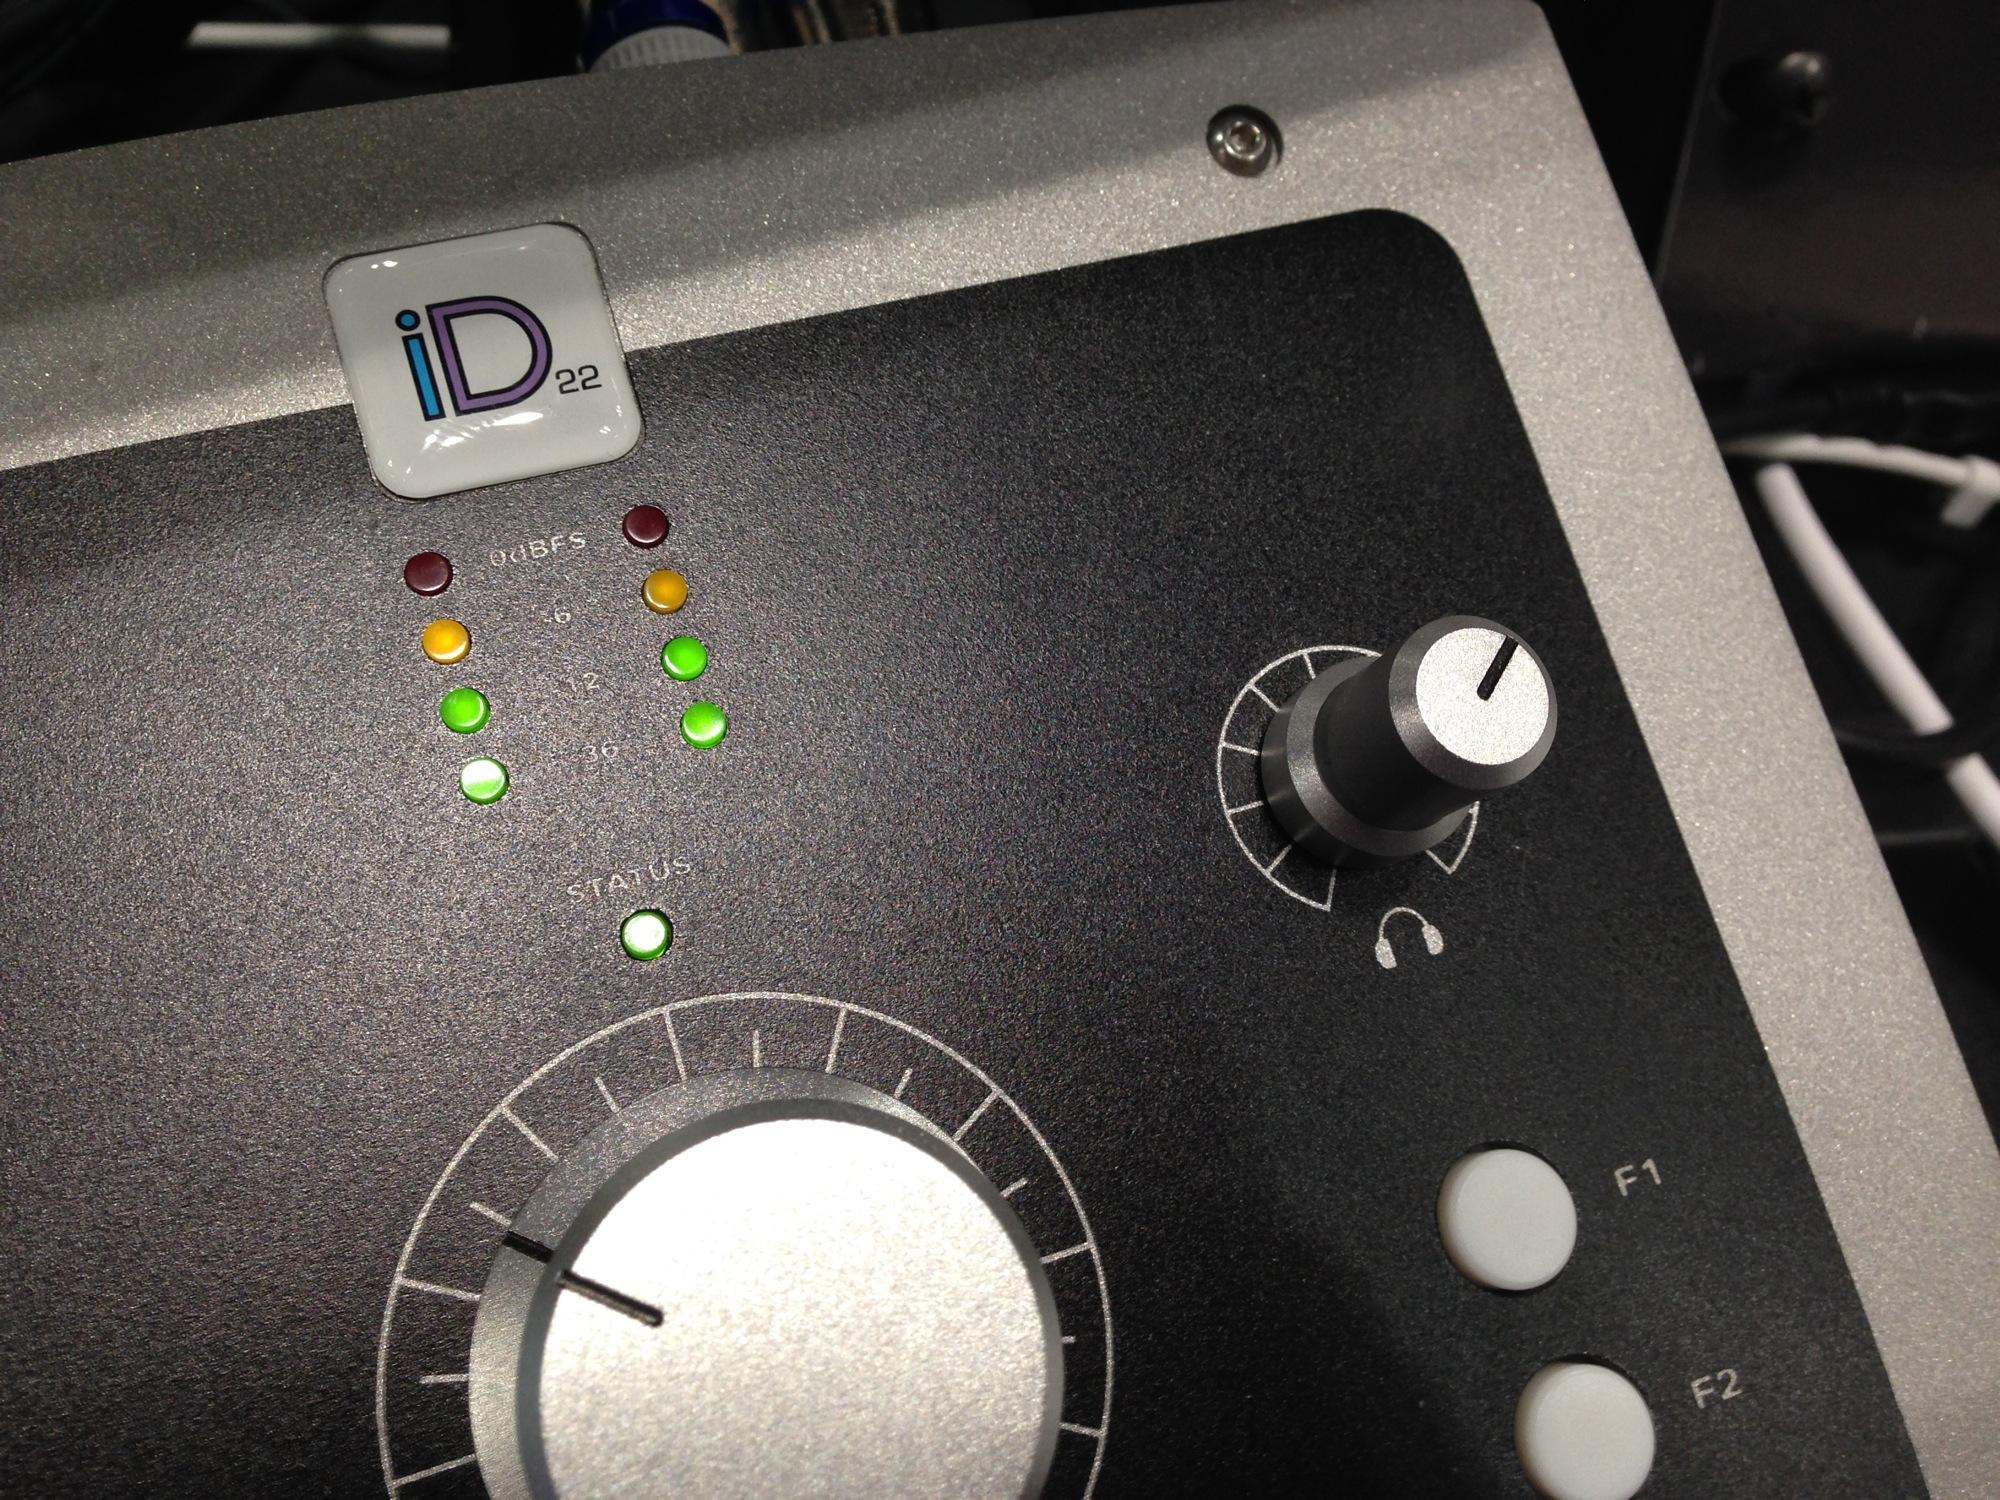 Audient iD22是一个内置了AD/DA的监听控制器,所以也可以作为一个USB 2.0的音频接口来使用,监听和音频接口合二为一。 iD22的外观看起来就是很正统的监听控制器的样子:  两个话放的增益旋钮和一些参数开关,包括48V幻象供电、-10dB衰减、反相和低切:  60dB标准增益的话放:  手感很好的监听音量大旋钮,下面是带LED背光的衰减和低切快速总开关:  耳机监听音量旋钮,下面的F1-F3是可自定义的功能按钮,比如输出切换、对讲切换和单声道混合等等功能可在软件里设置,四个LED灯的电平表